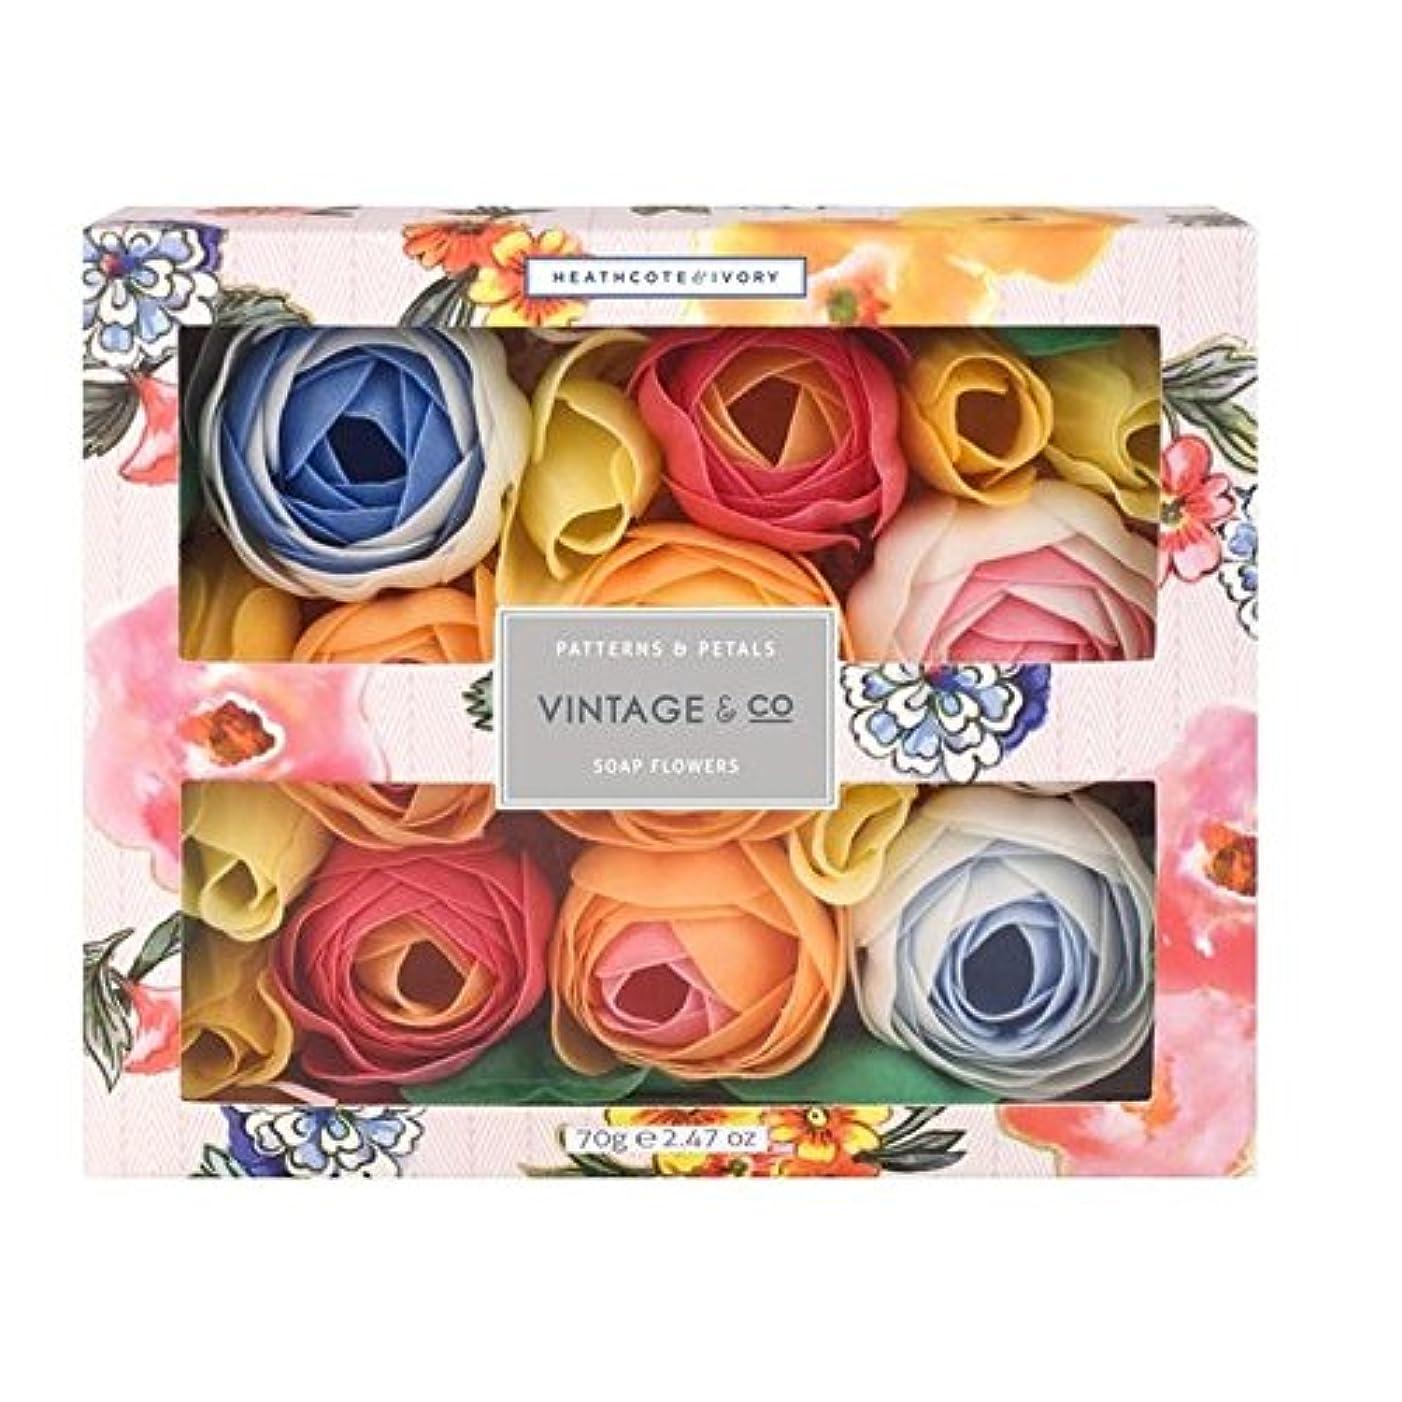 何か耐える救急車ヒースコート&アイボリーパターン&花びら石鹸の花70グラム x2 - Heathcote & Ivory Patterns & Petals Soap Flowers 70g (Pack of 2) [並行輸入品]